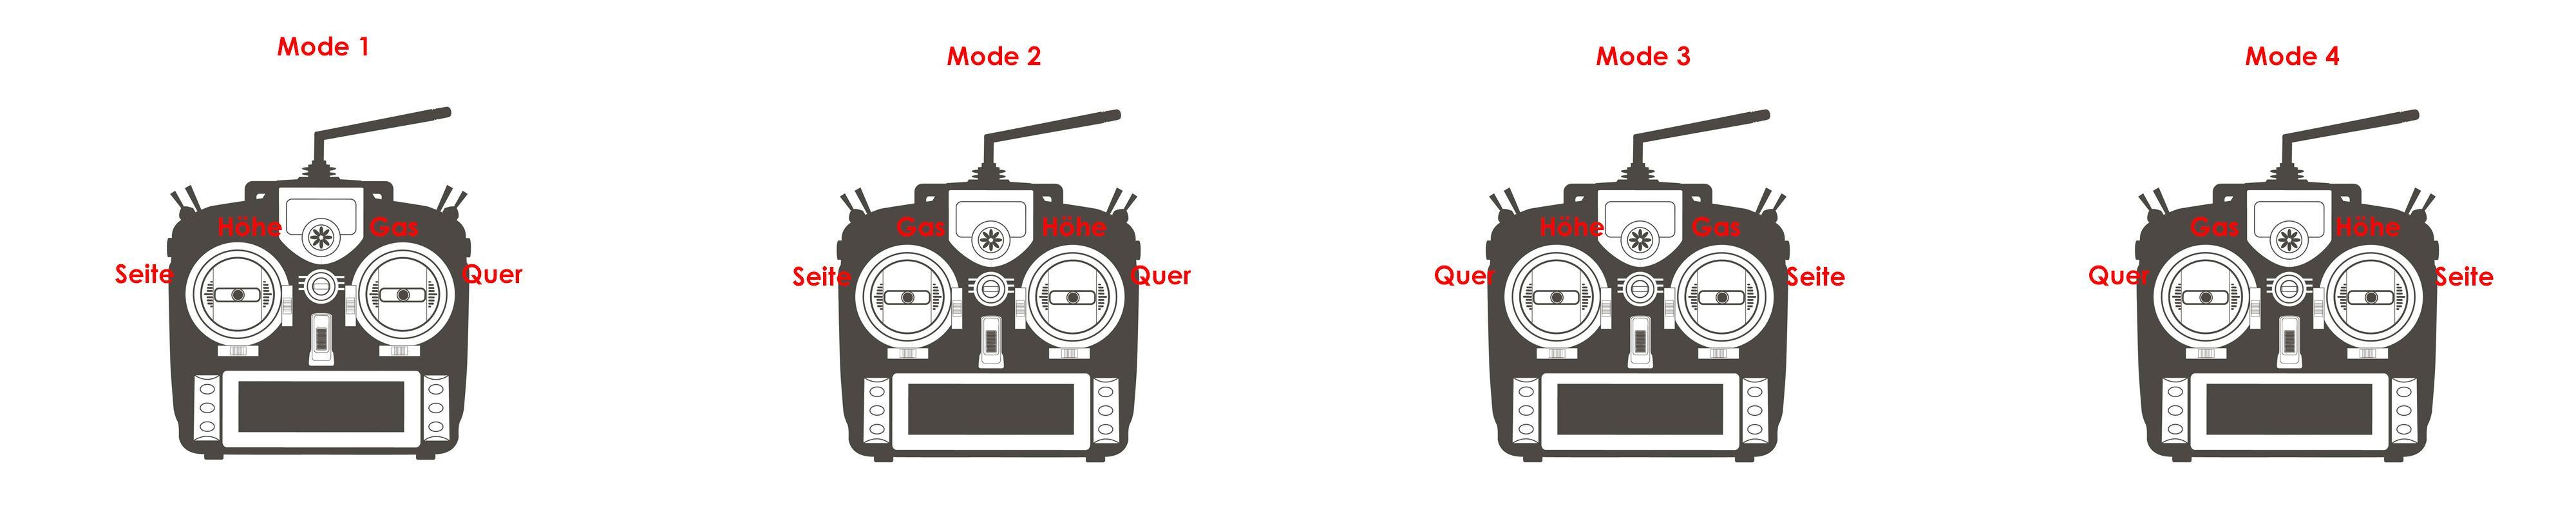 Verschiedene Modes bei Modellbau-Fernsteuerungen